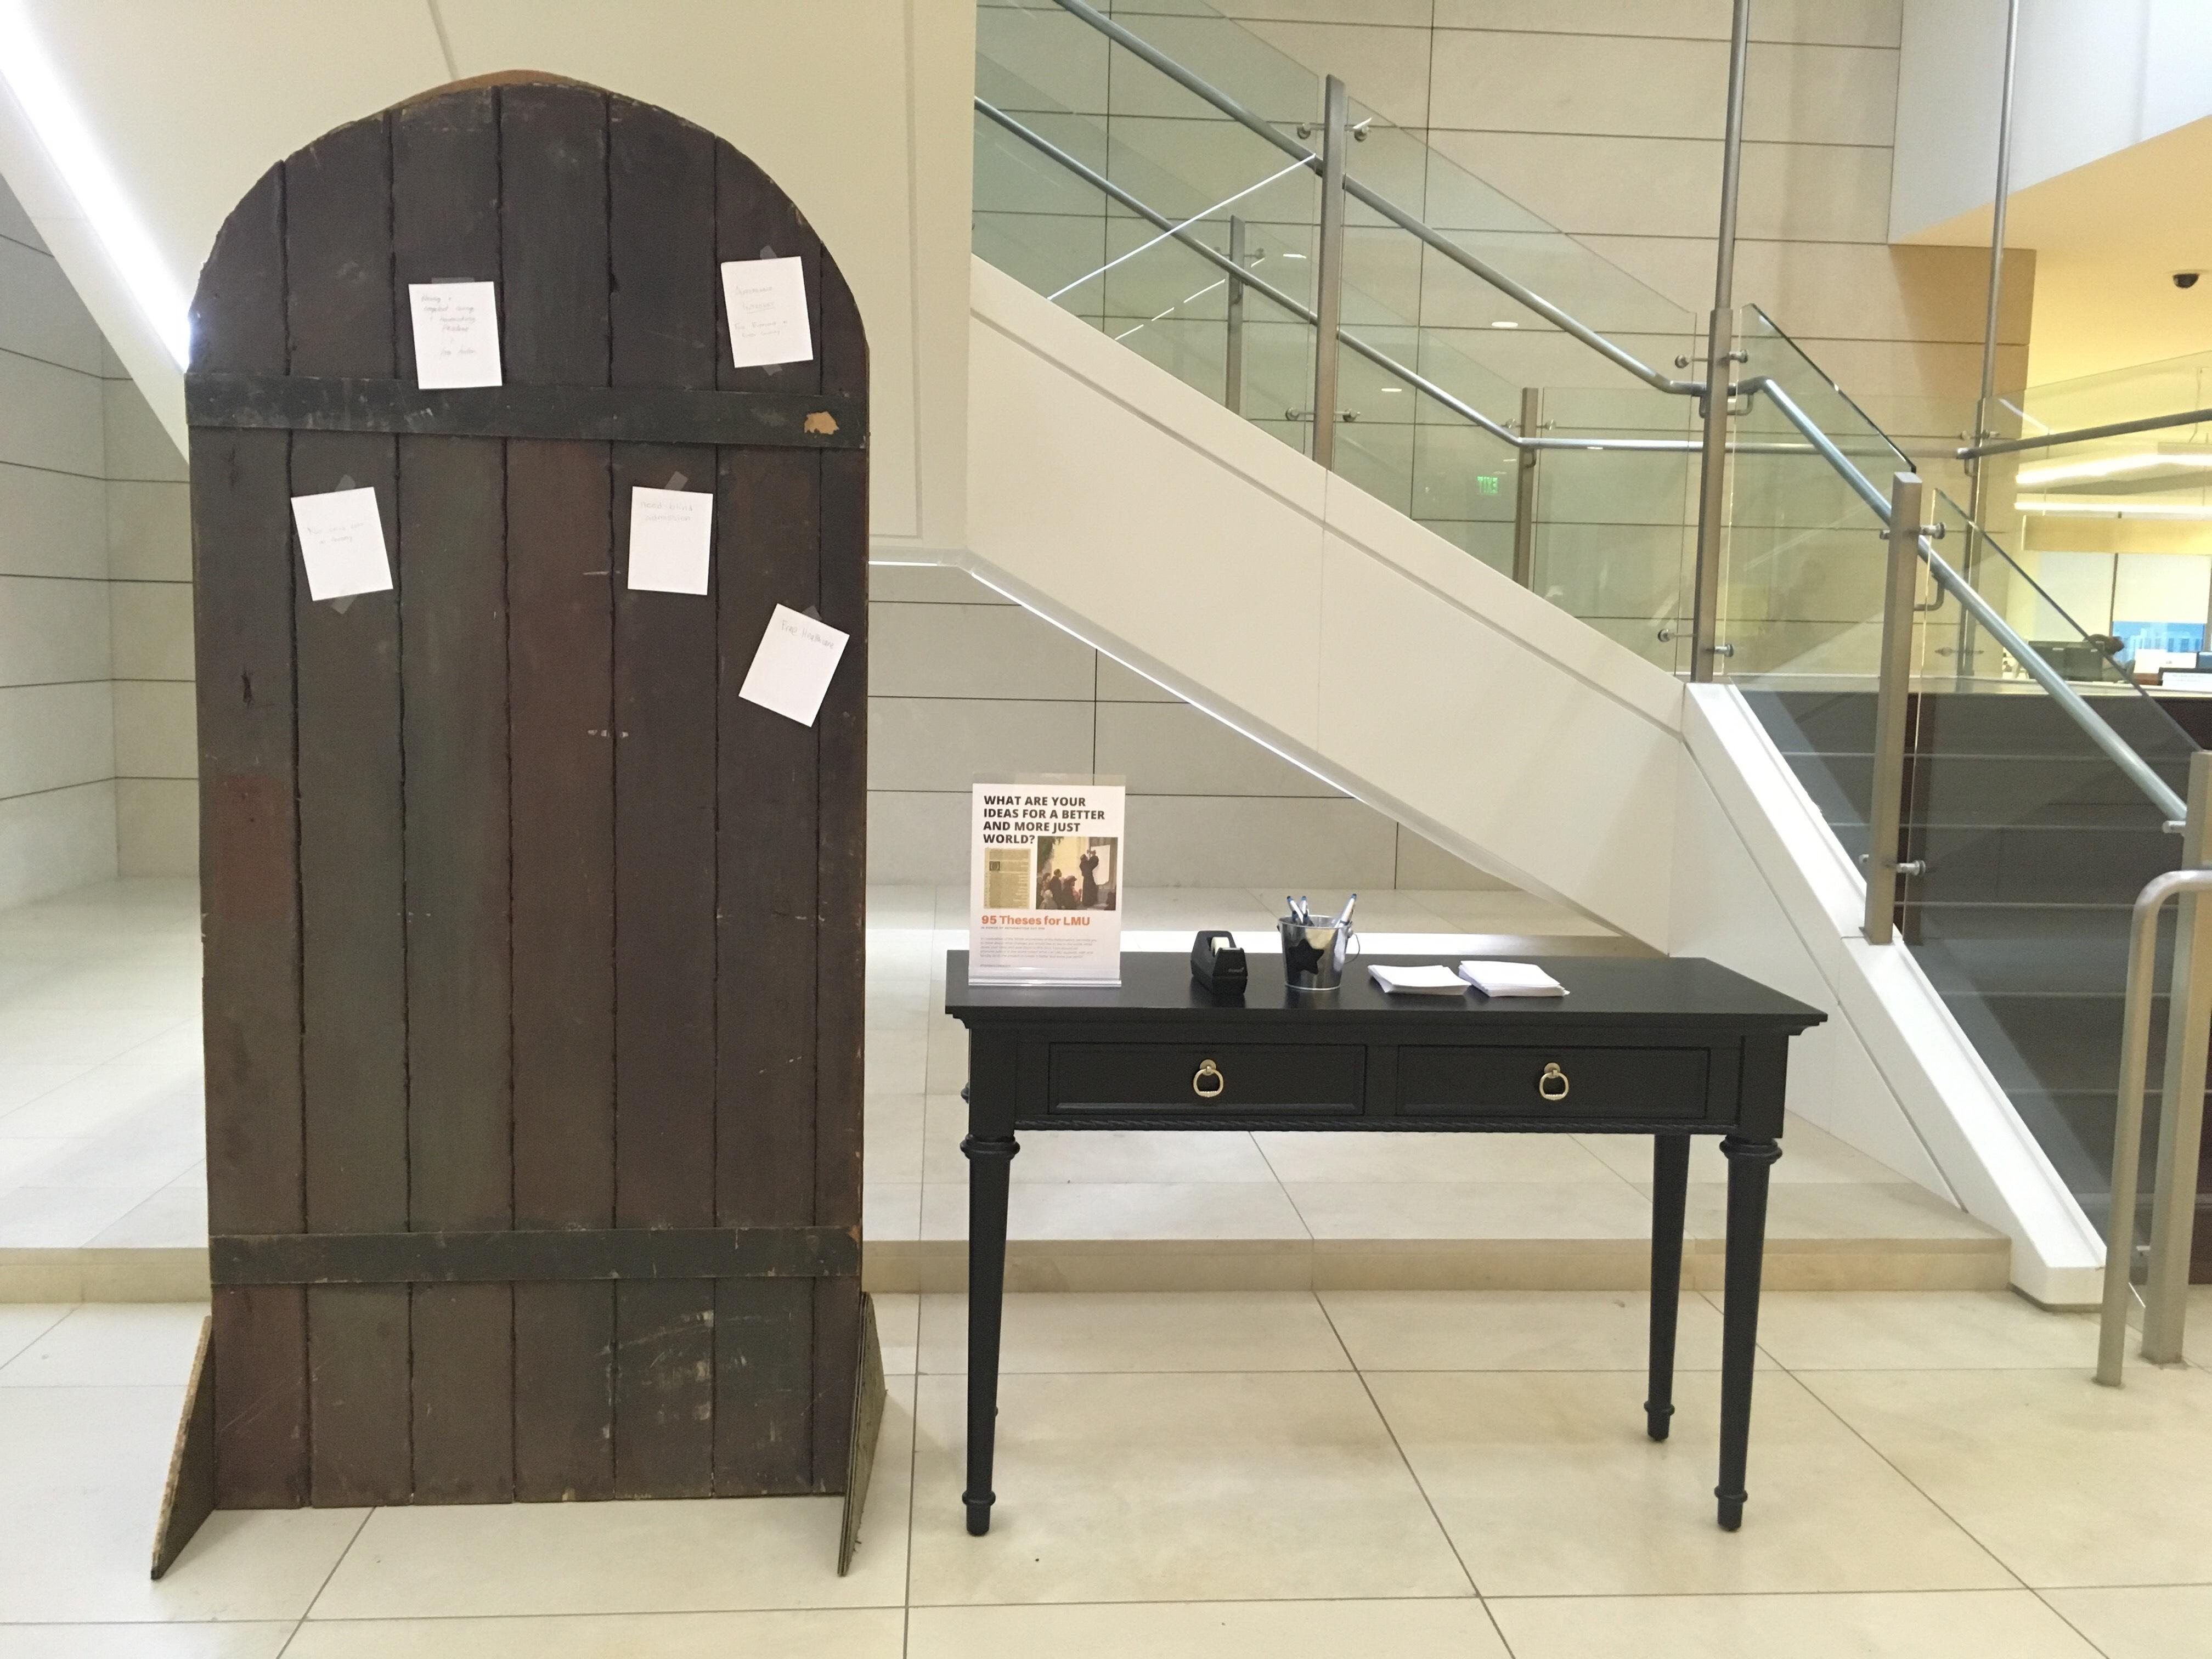 Door in library lobby